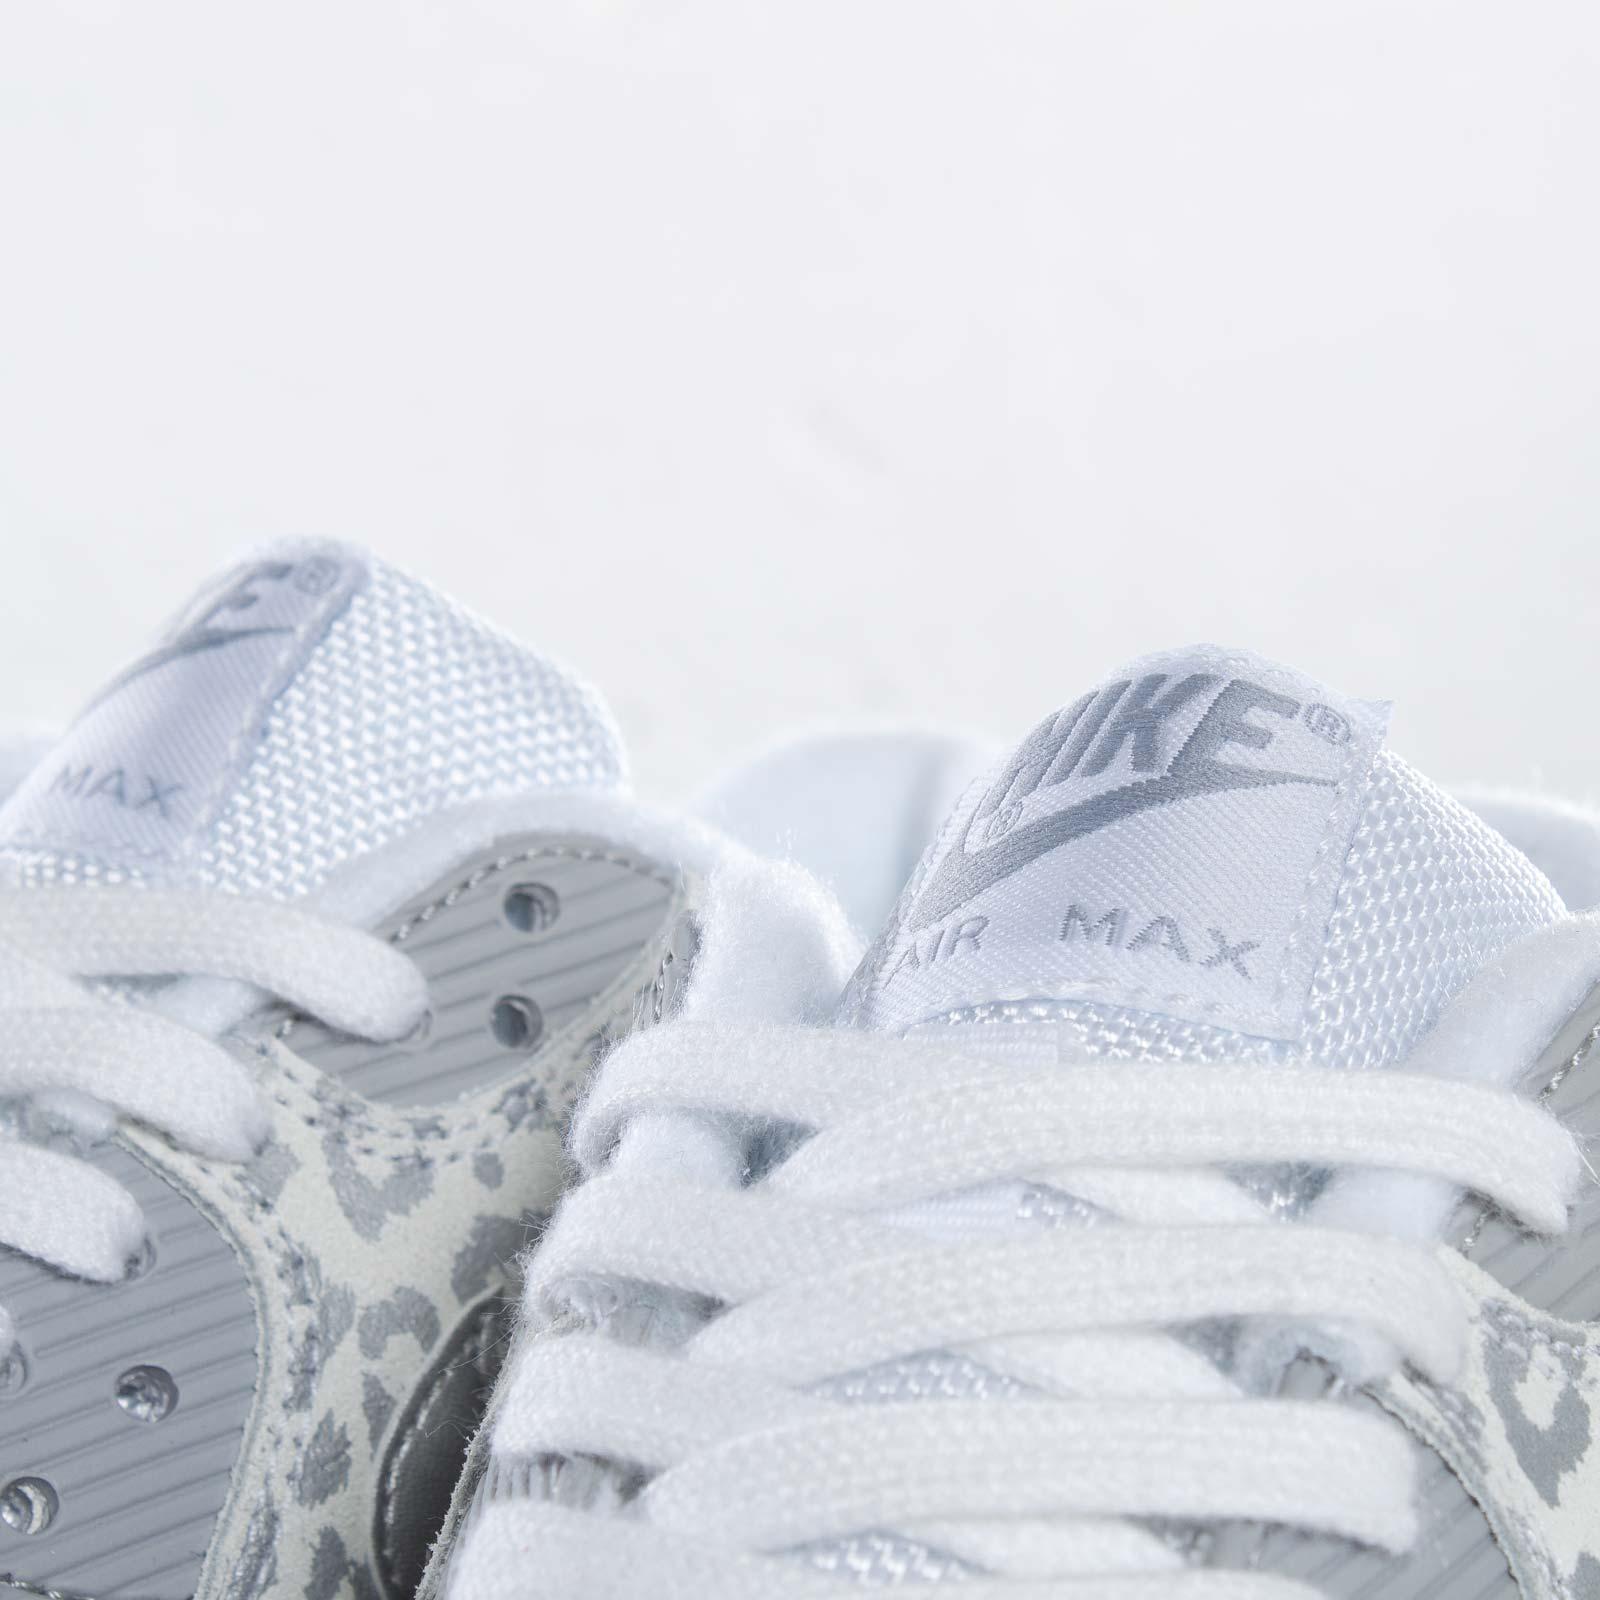 huge selection of 8951c 50459 Nike Wmns Air Max 90 - 325213-121 - Sneakersnstuff   sneakers   streetwear  online since 1999